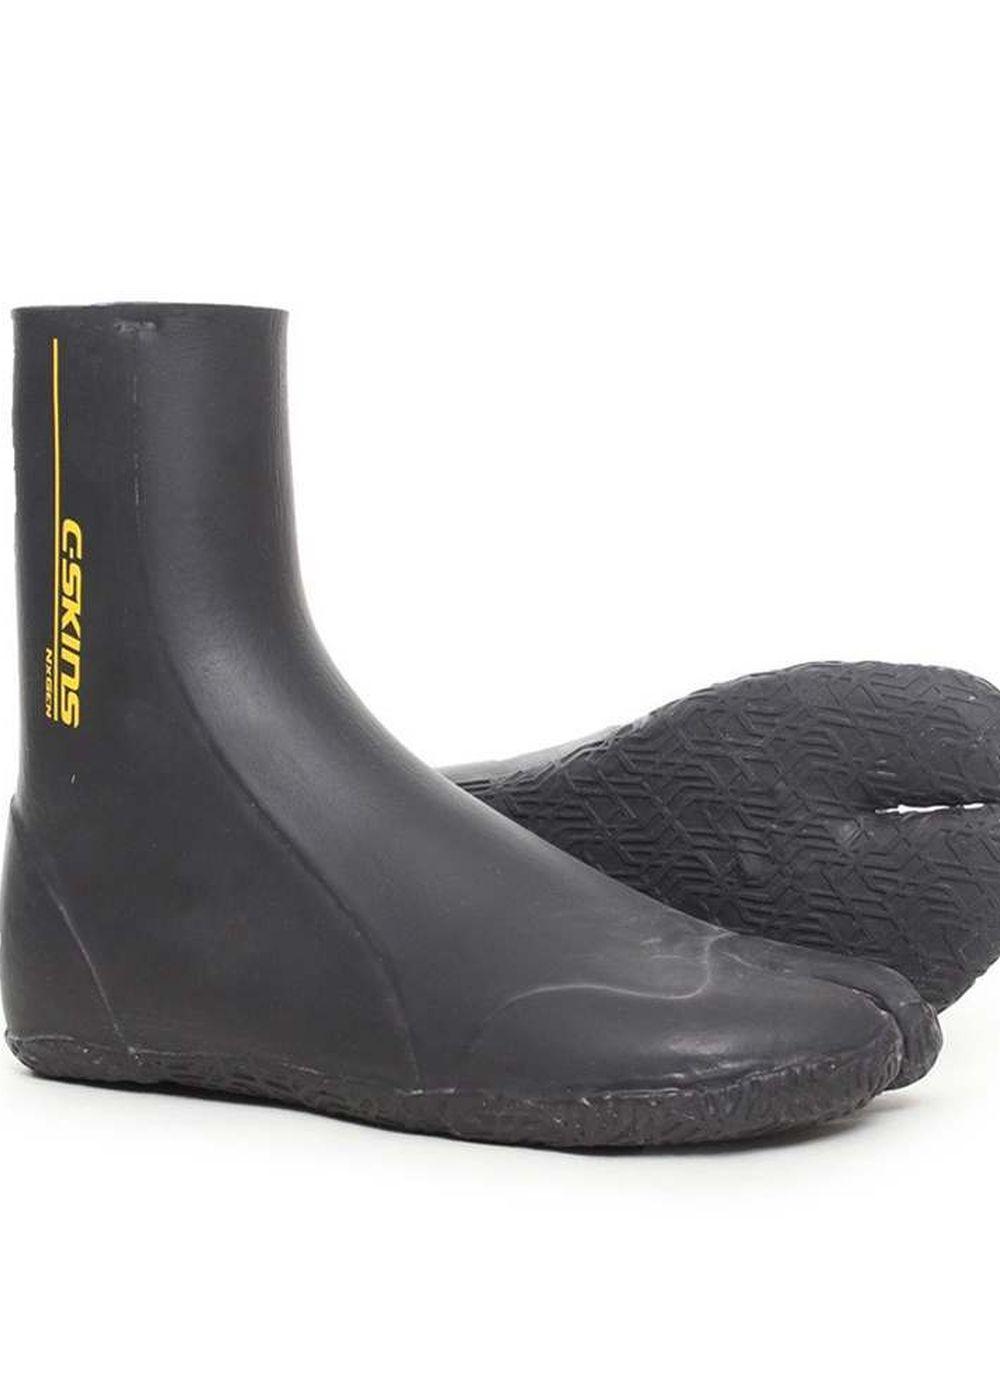 Cskins Nxgen 5mm St Wetsuit Boots Picture